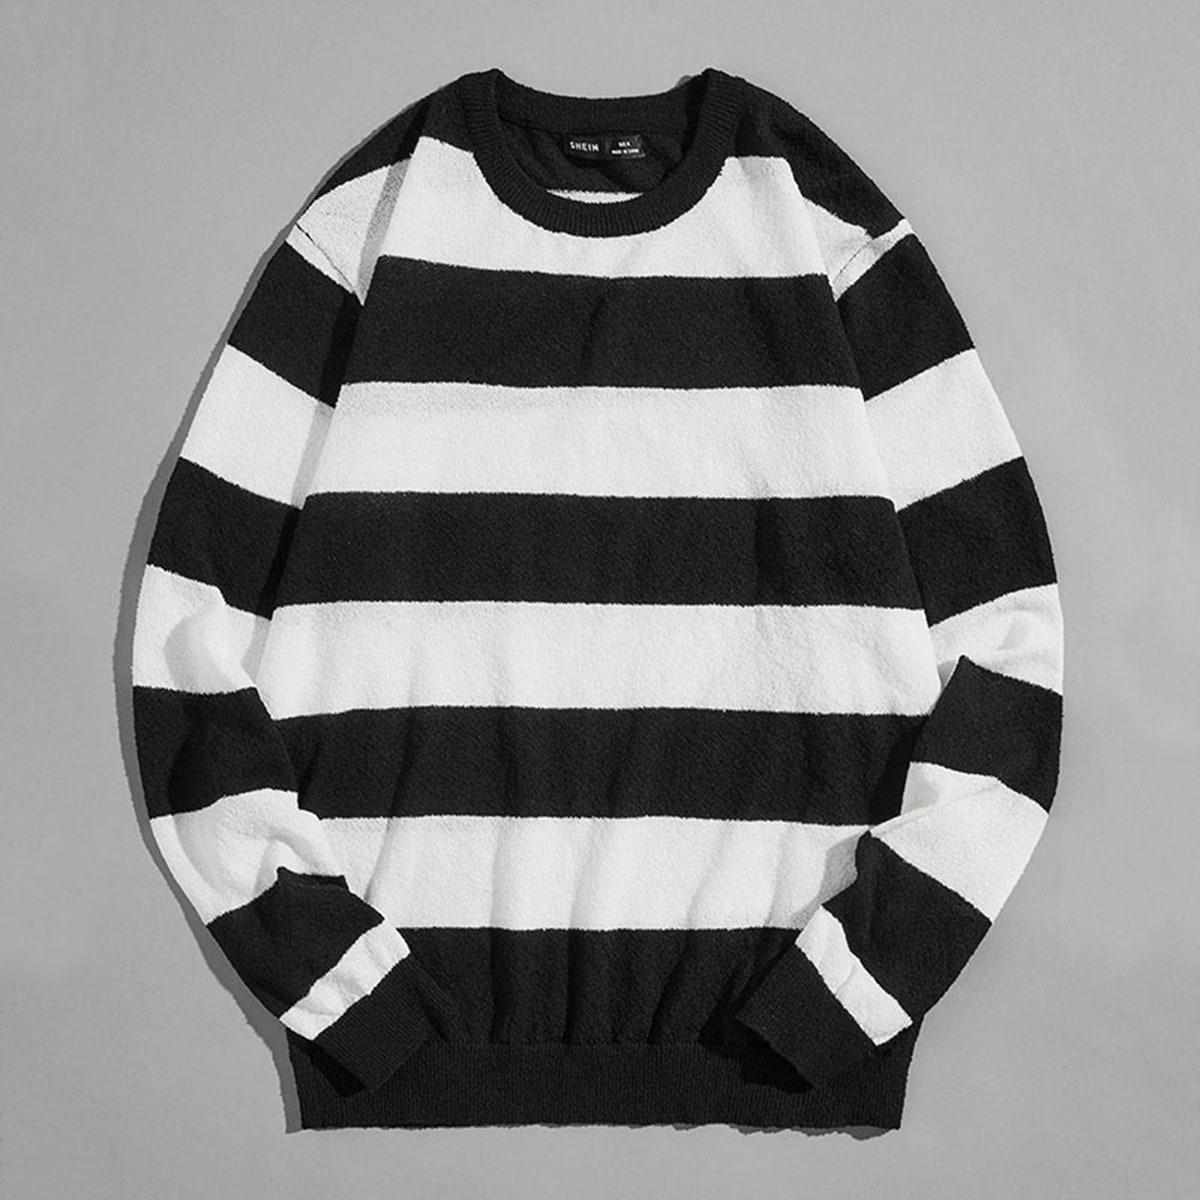 Мужской свитер в полоску с круглым воротником